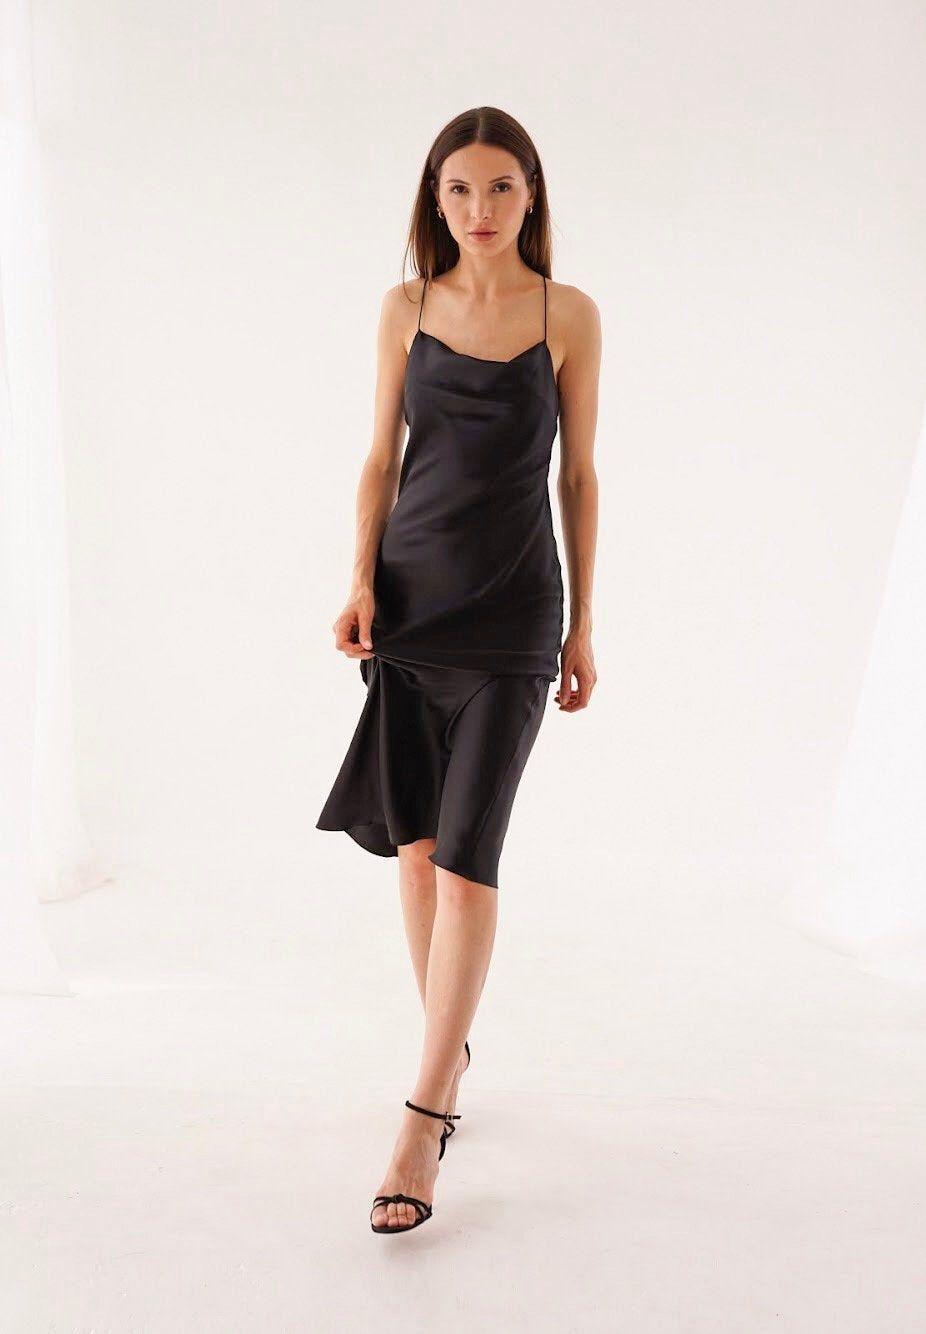 Black Silk Slip Dress Black Midi 100 Silk Charmeuse Cami Etsy Silk Slip Dress Slip Dress Red Slip Dress [ 1334 x 926 Pixel ]